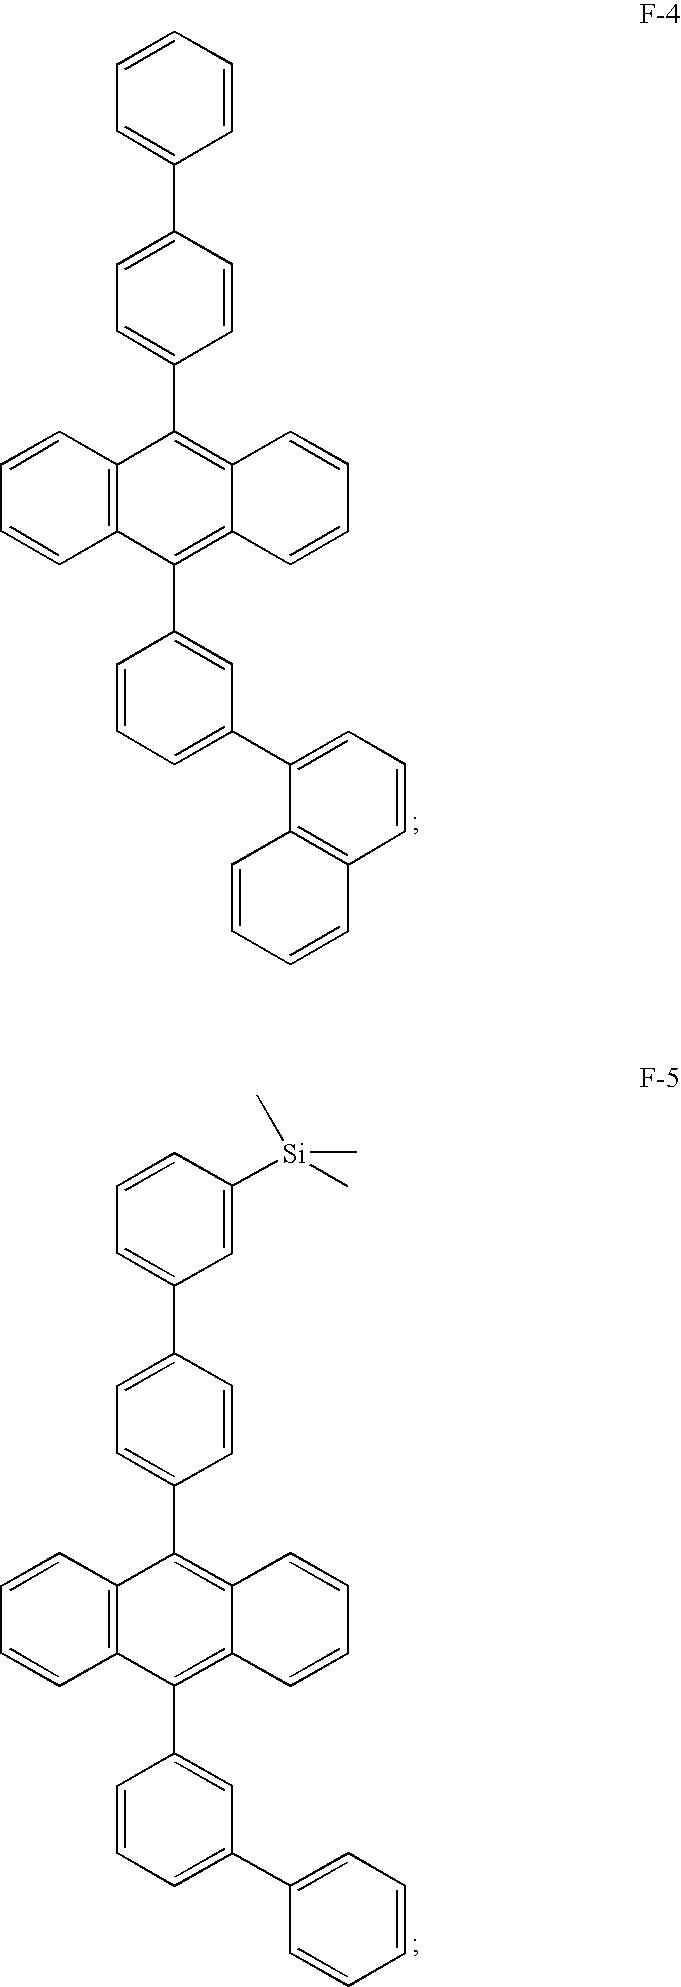 Figure US20090115316A1-20090507-C00014